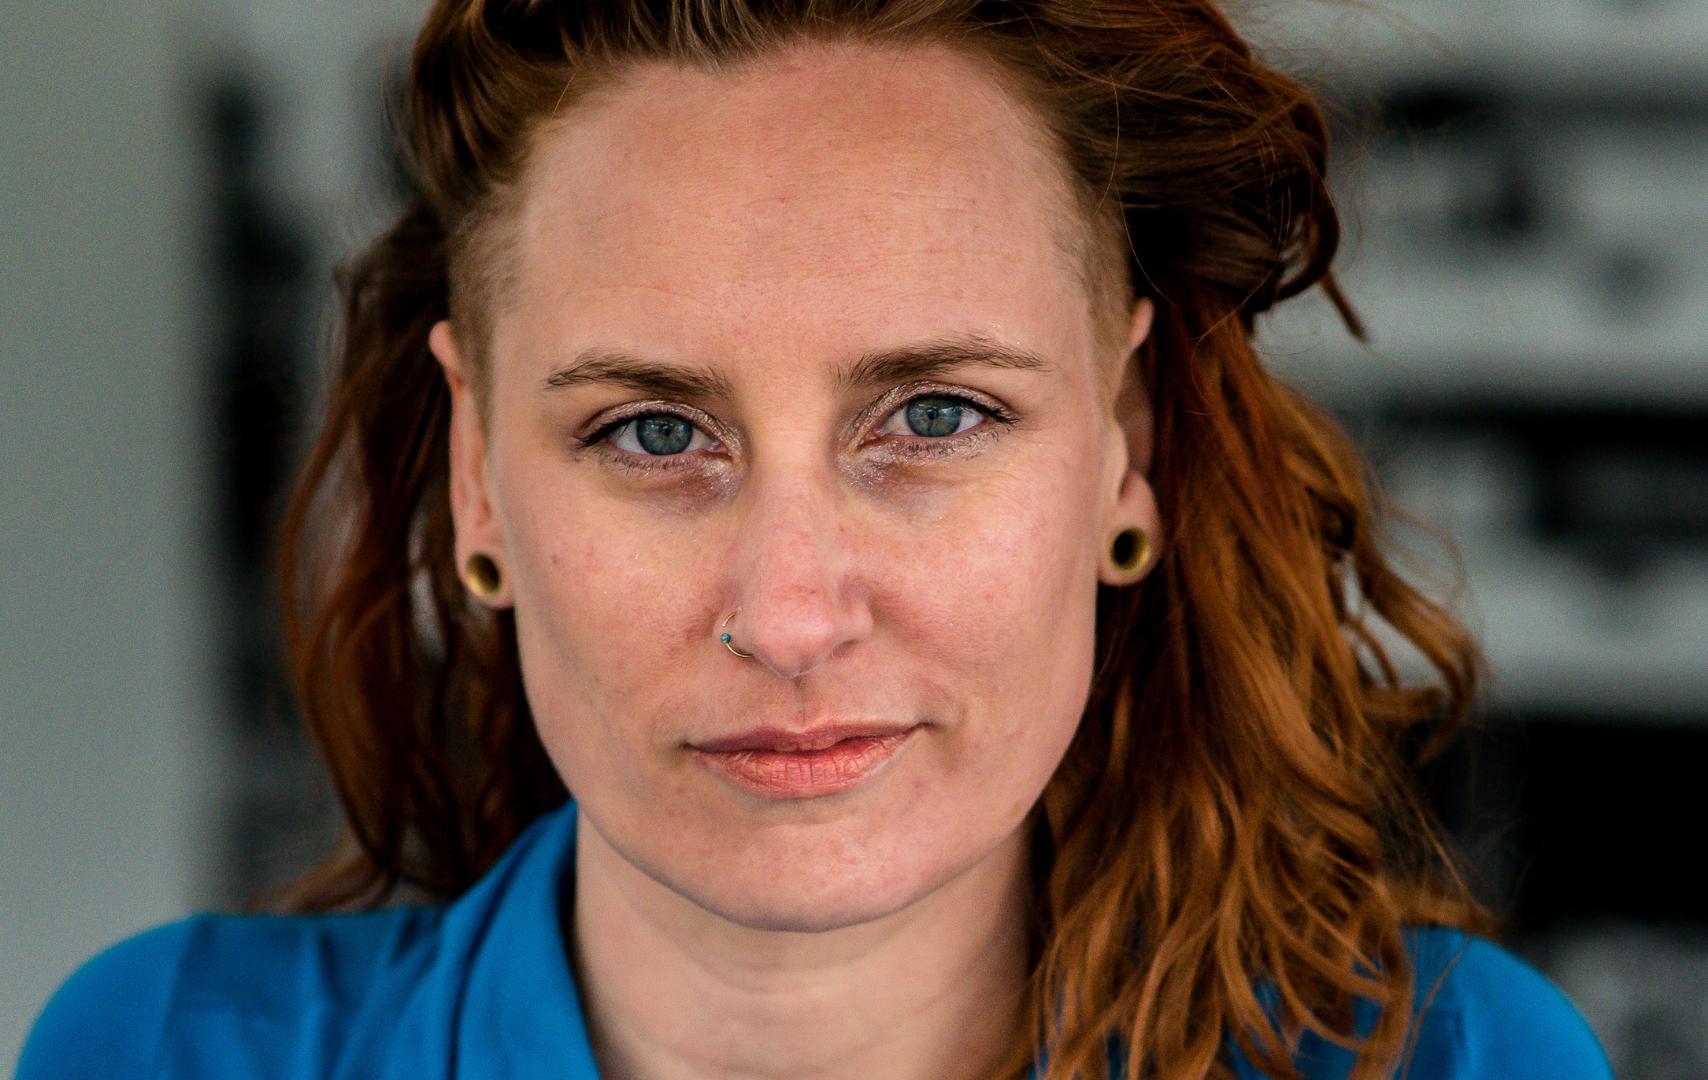 Portretfoto van Yvette. Hen heeft rood haar met en slag en en draagt een blauwe jurk.